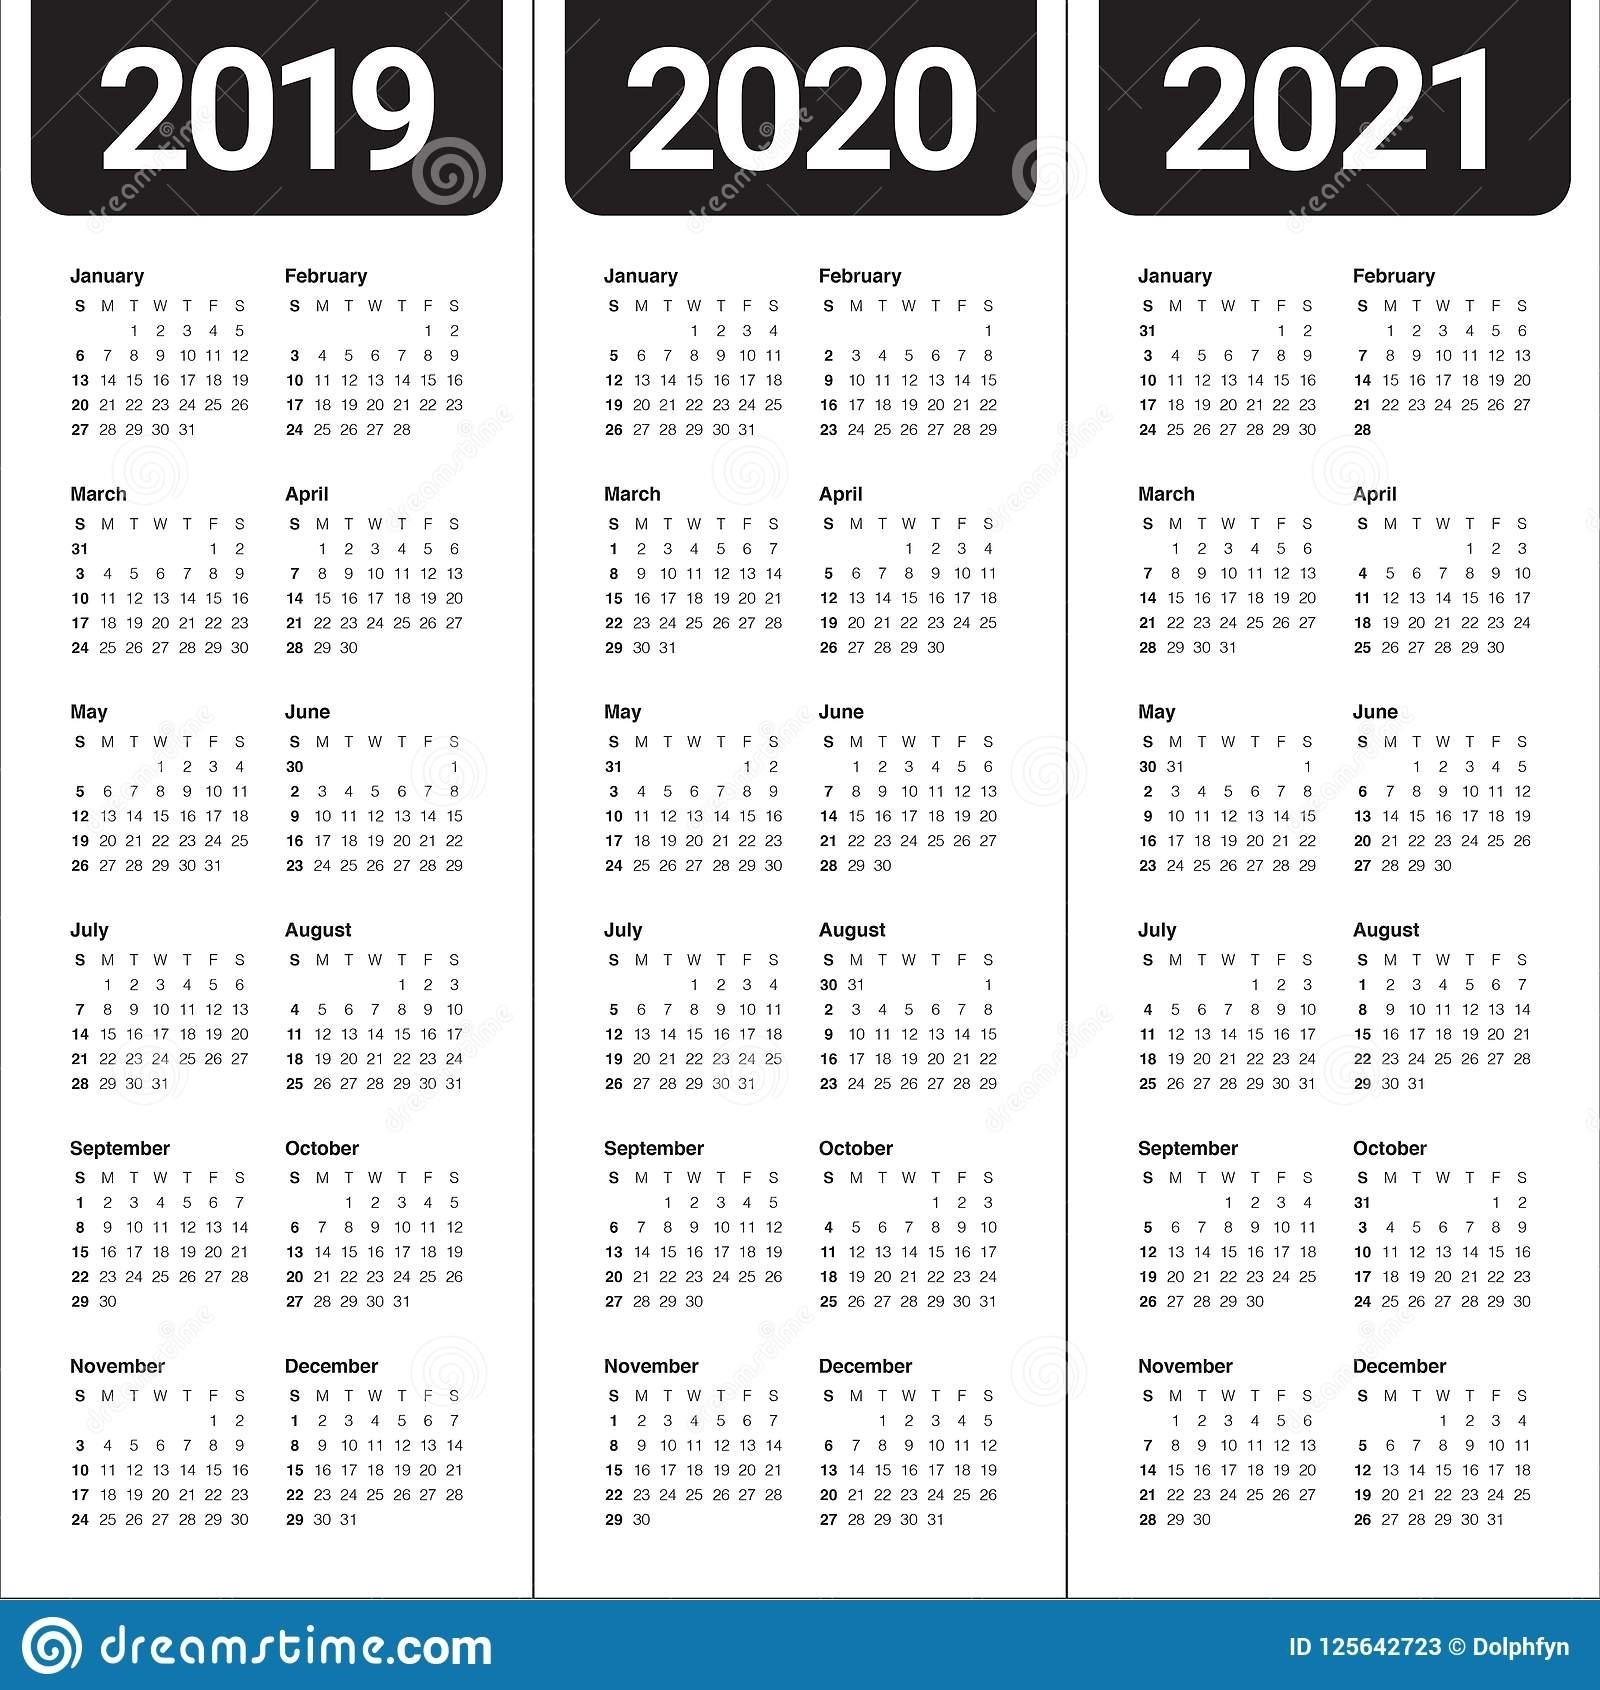 Year 2019 2020 2021 Calendar Vector Design Template Stock Vector within Calendar 2019 2020 2021